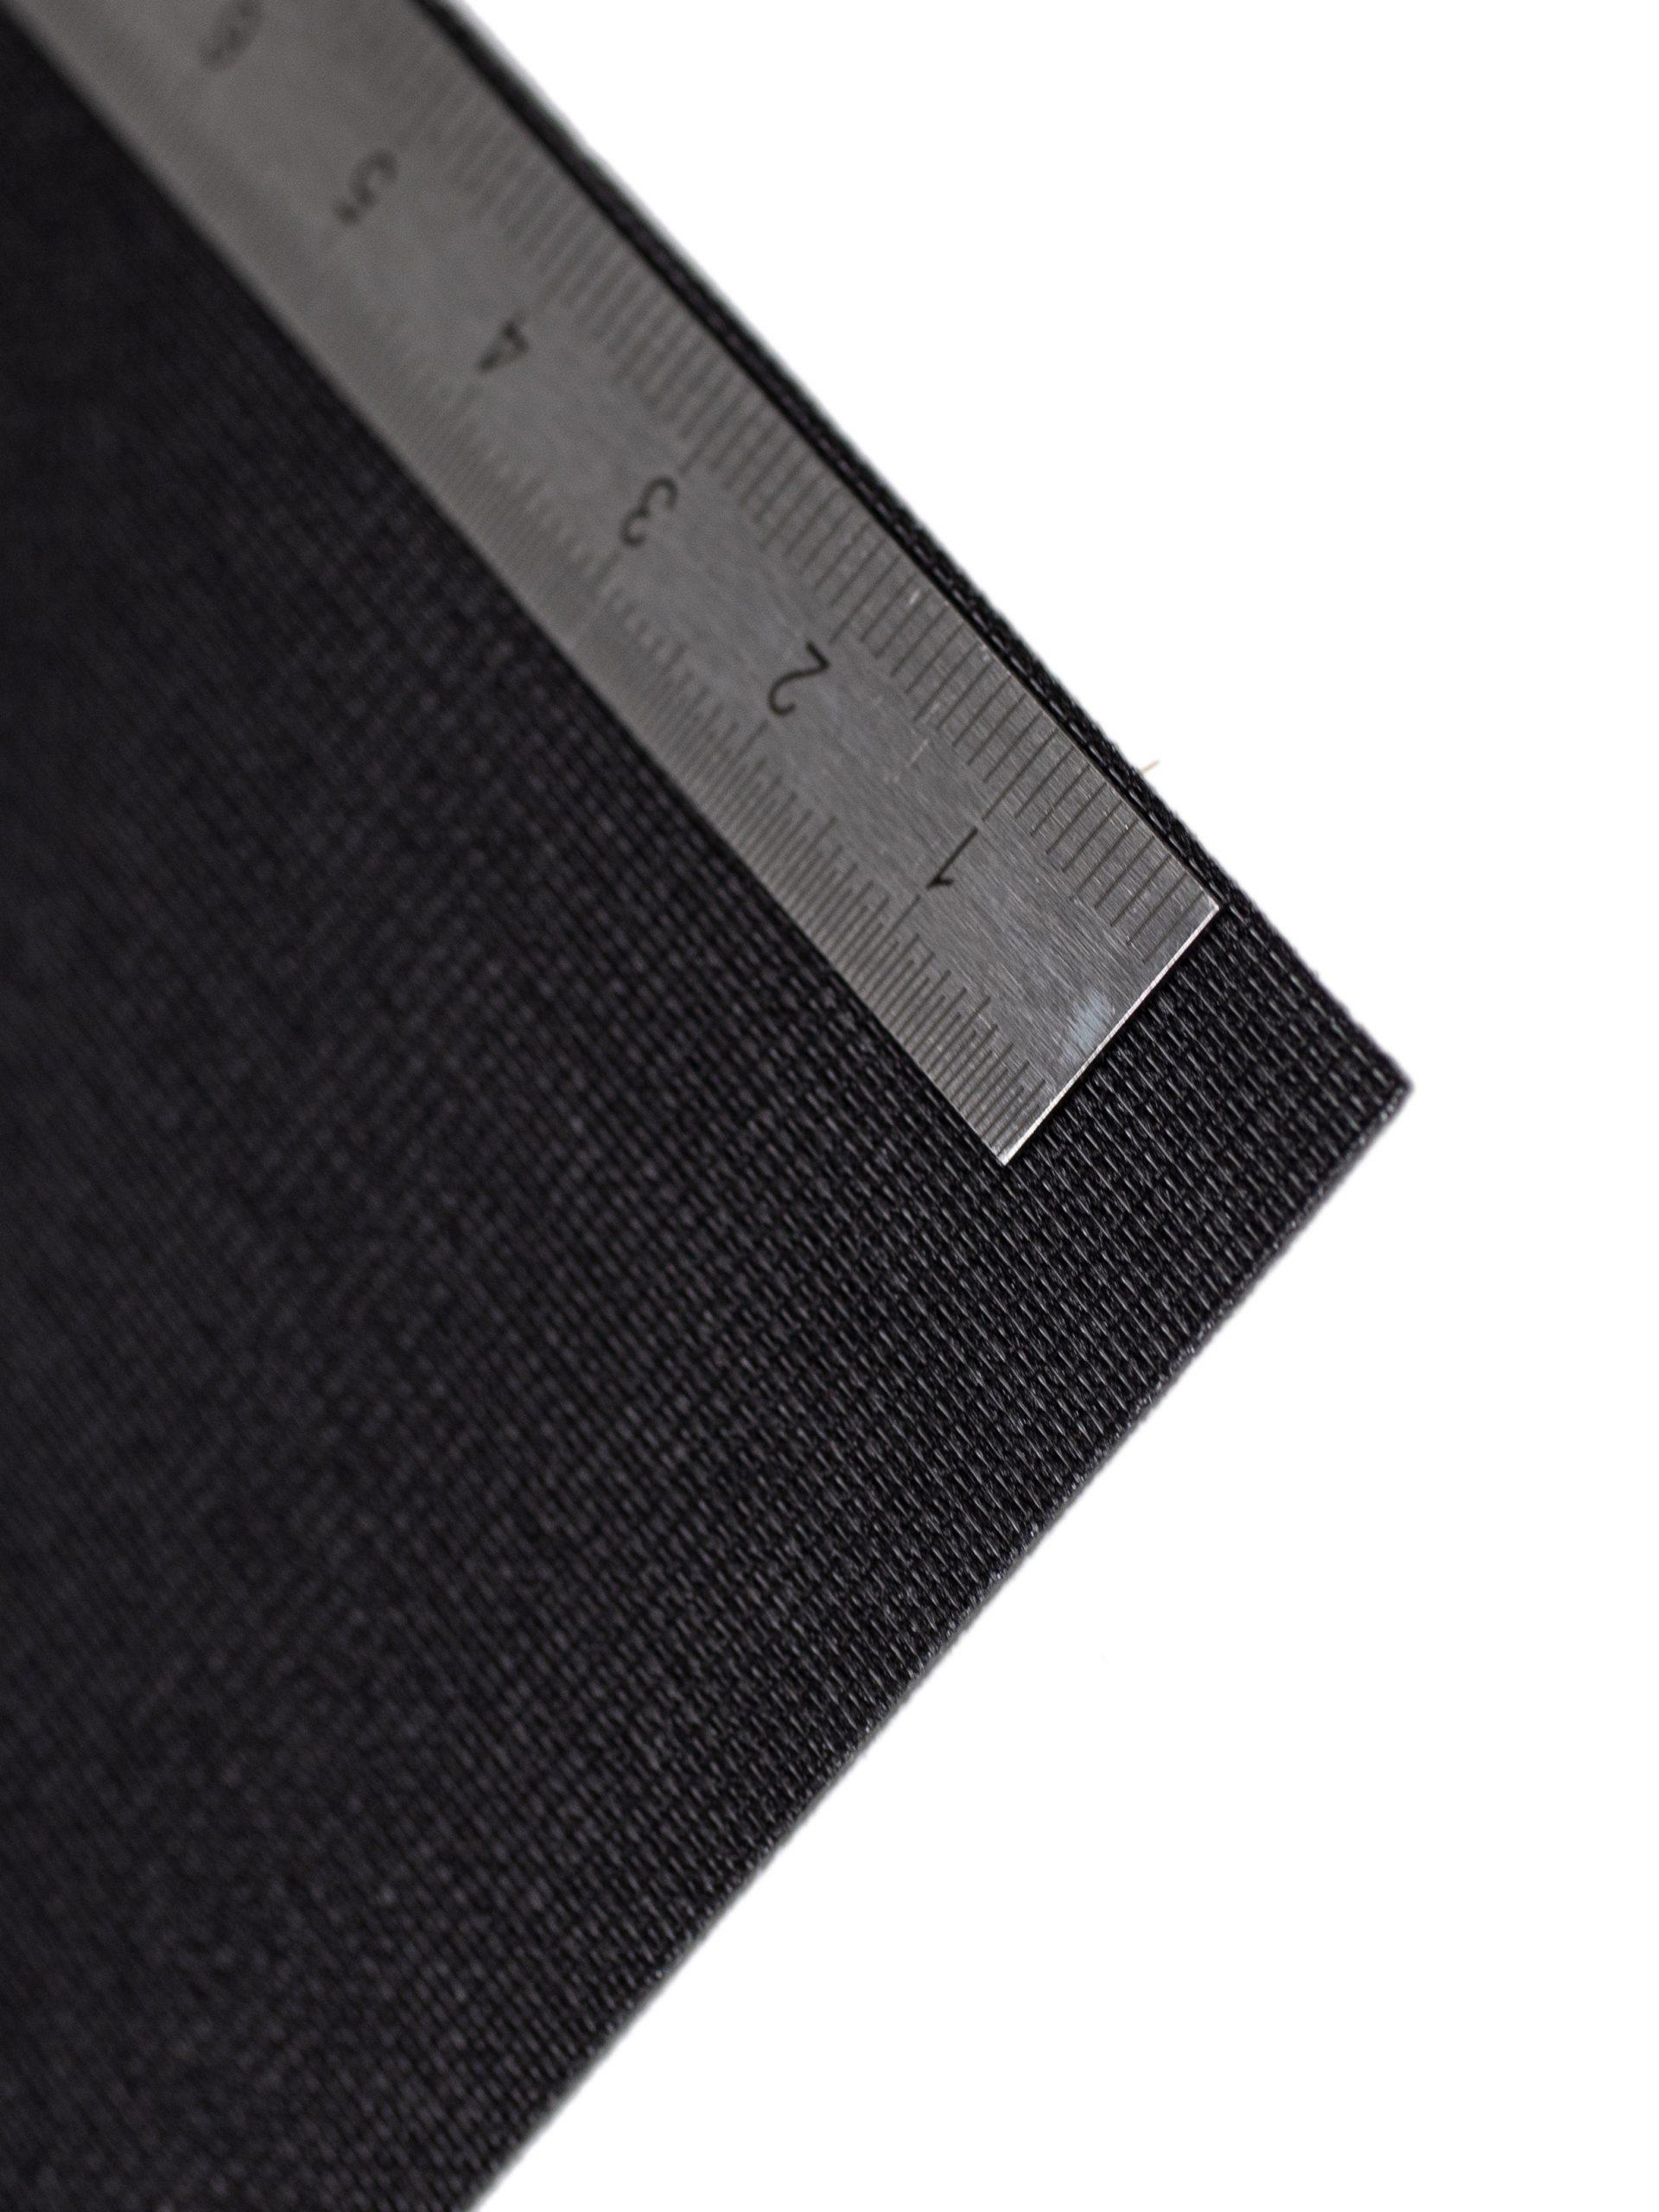 An der Kante des Textil Decolux 2507 schwarz liegt ein Maßband